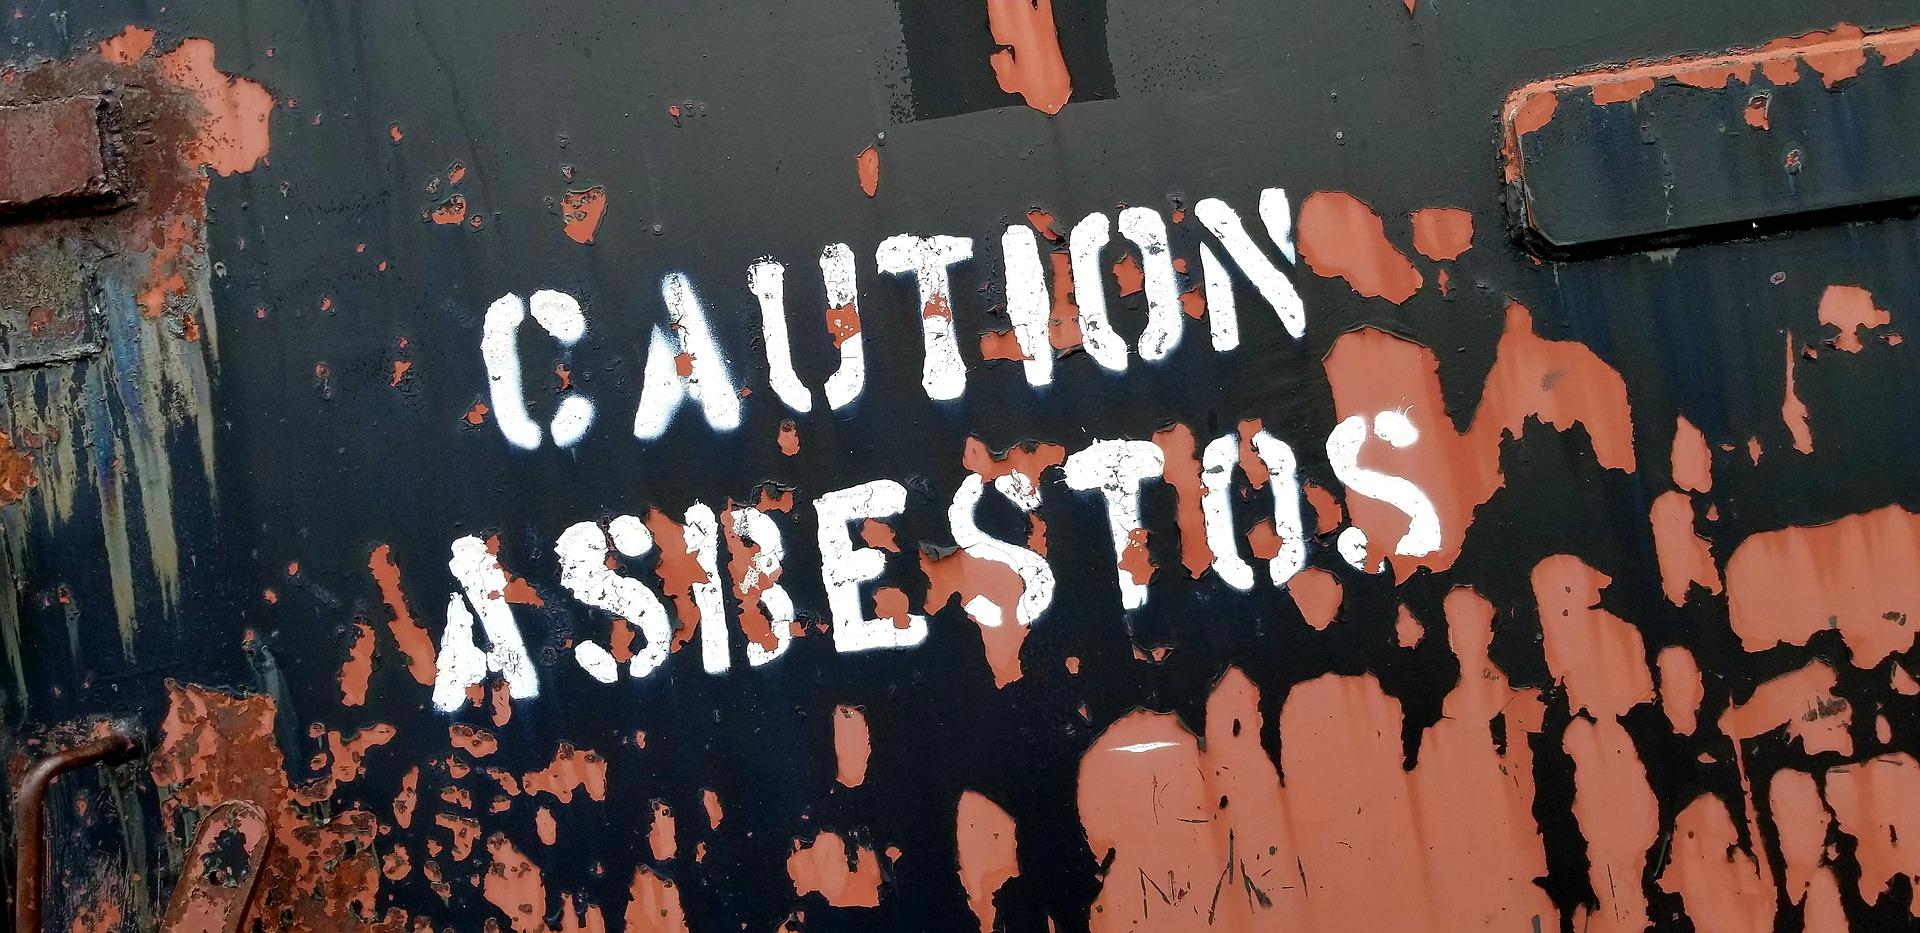 industrial diseases caused by dust